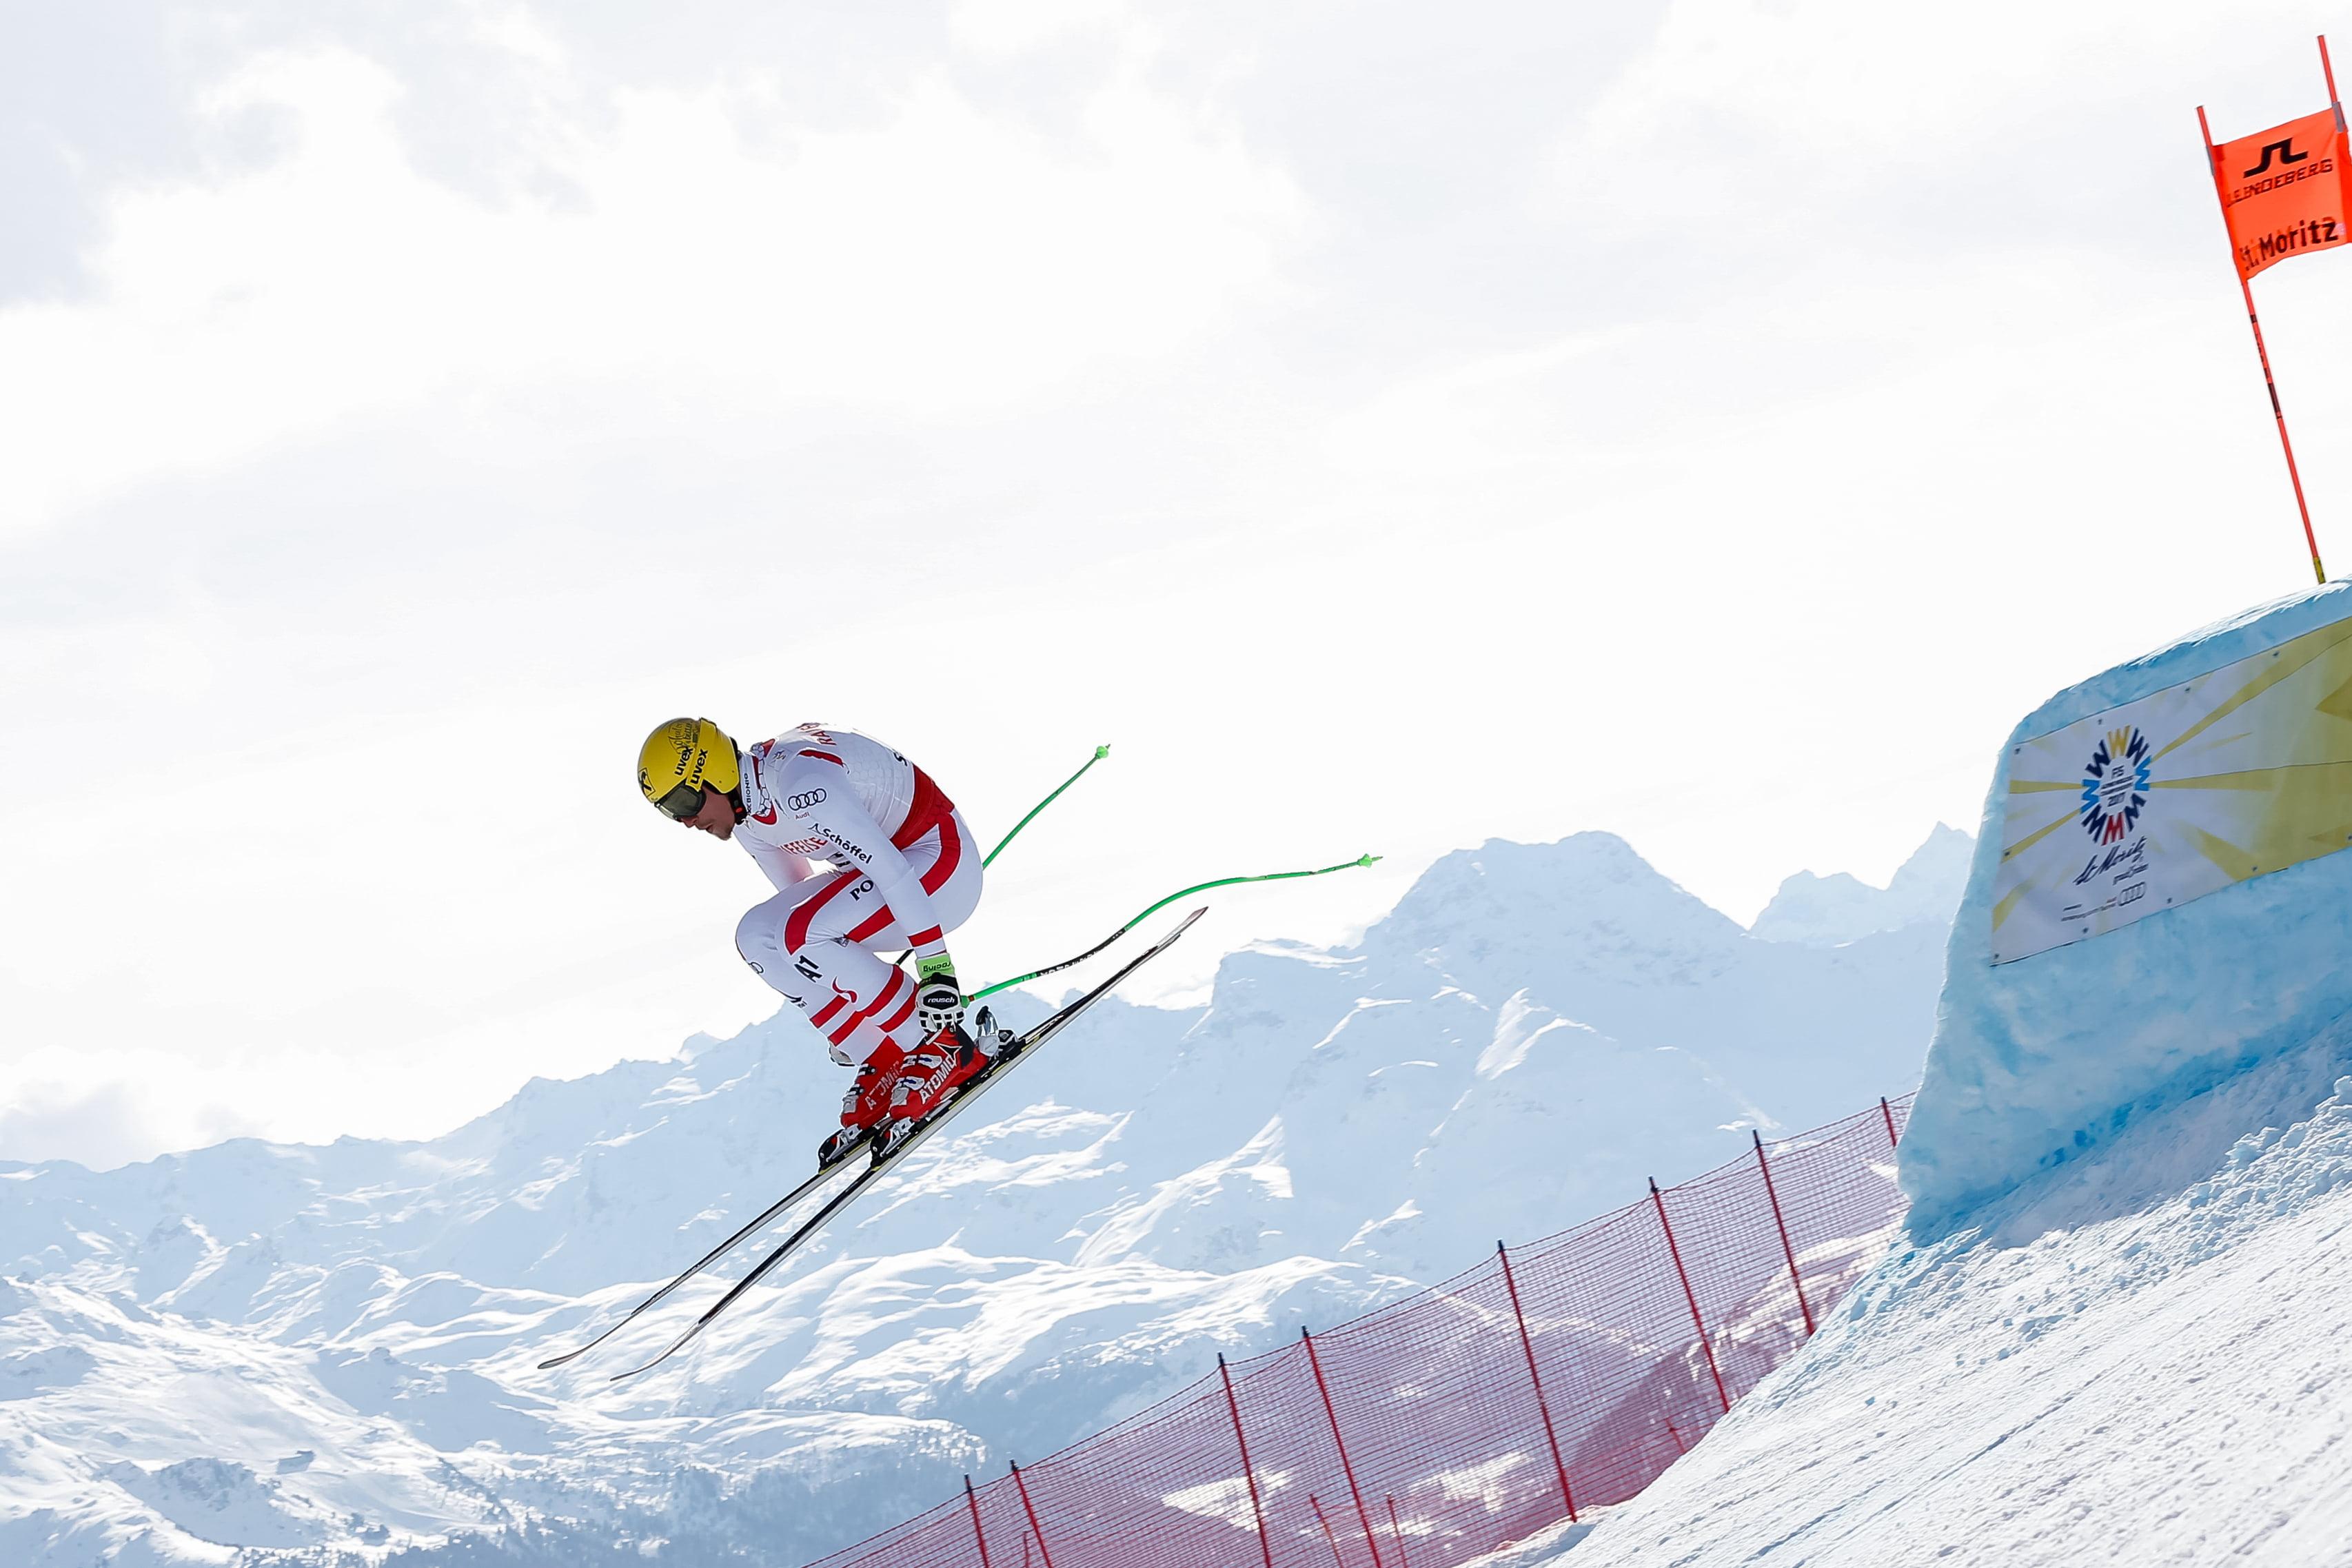 World Ski Championships 2017 St. Moritz